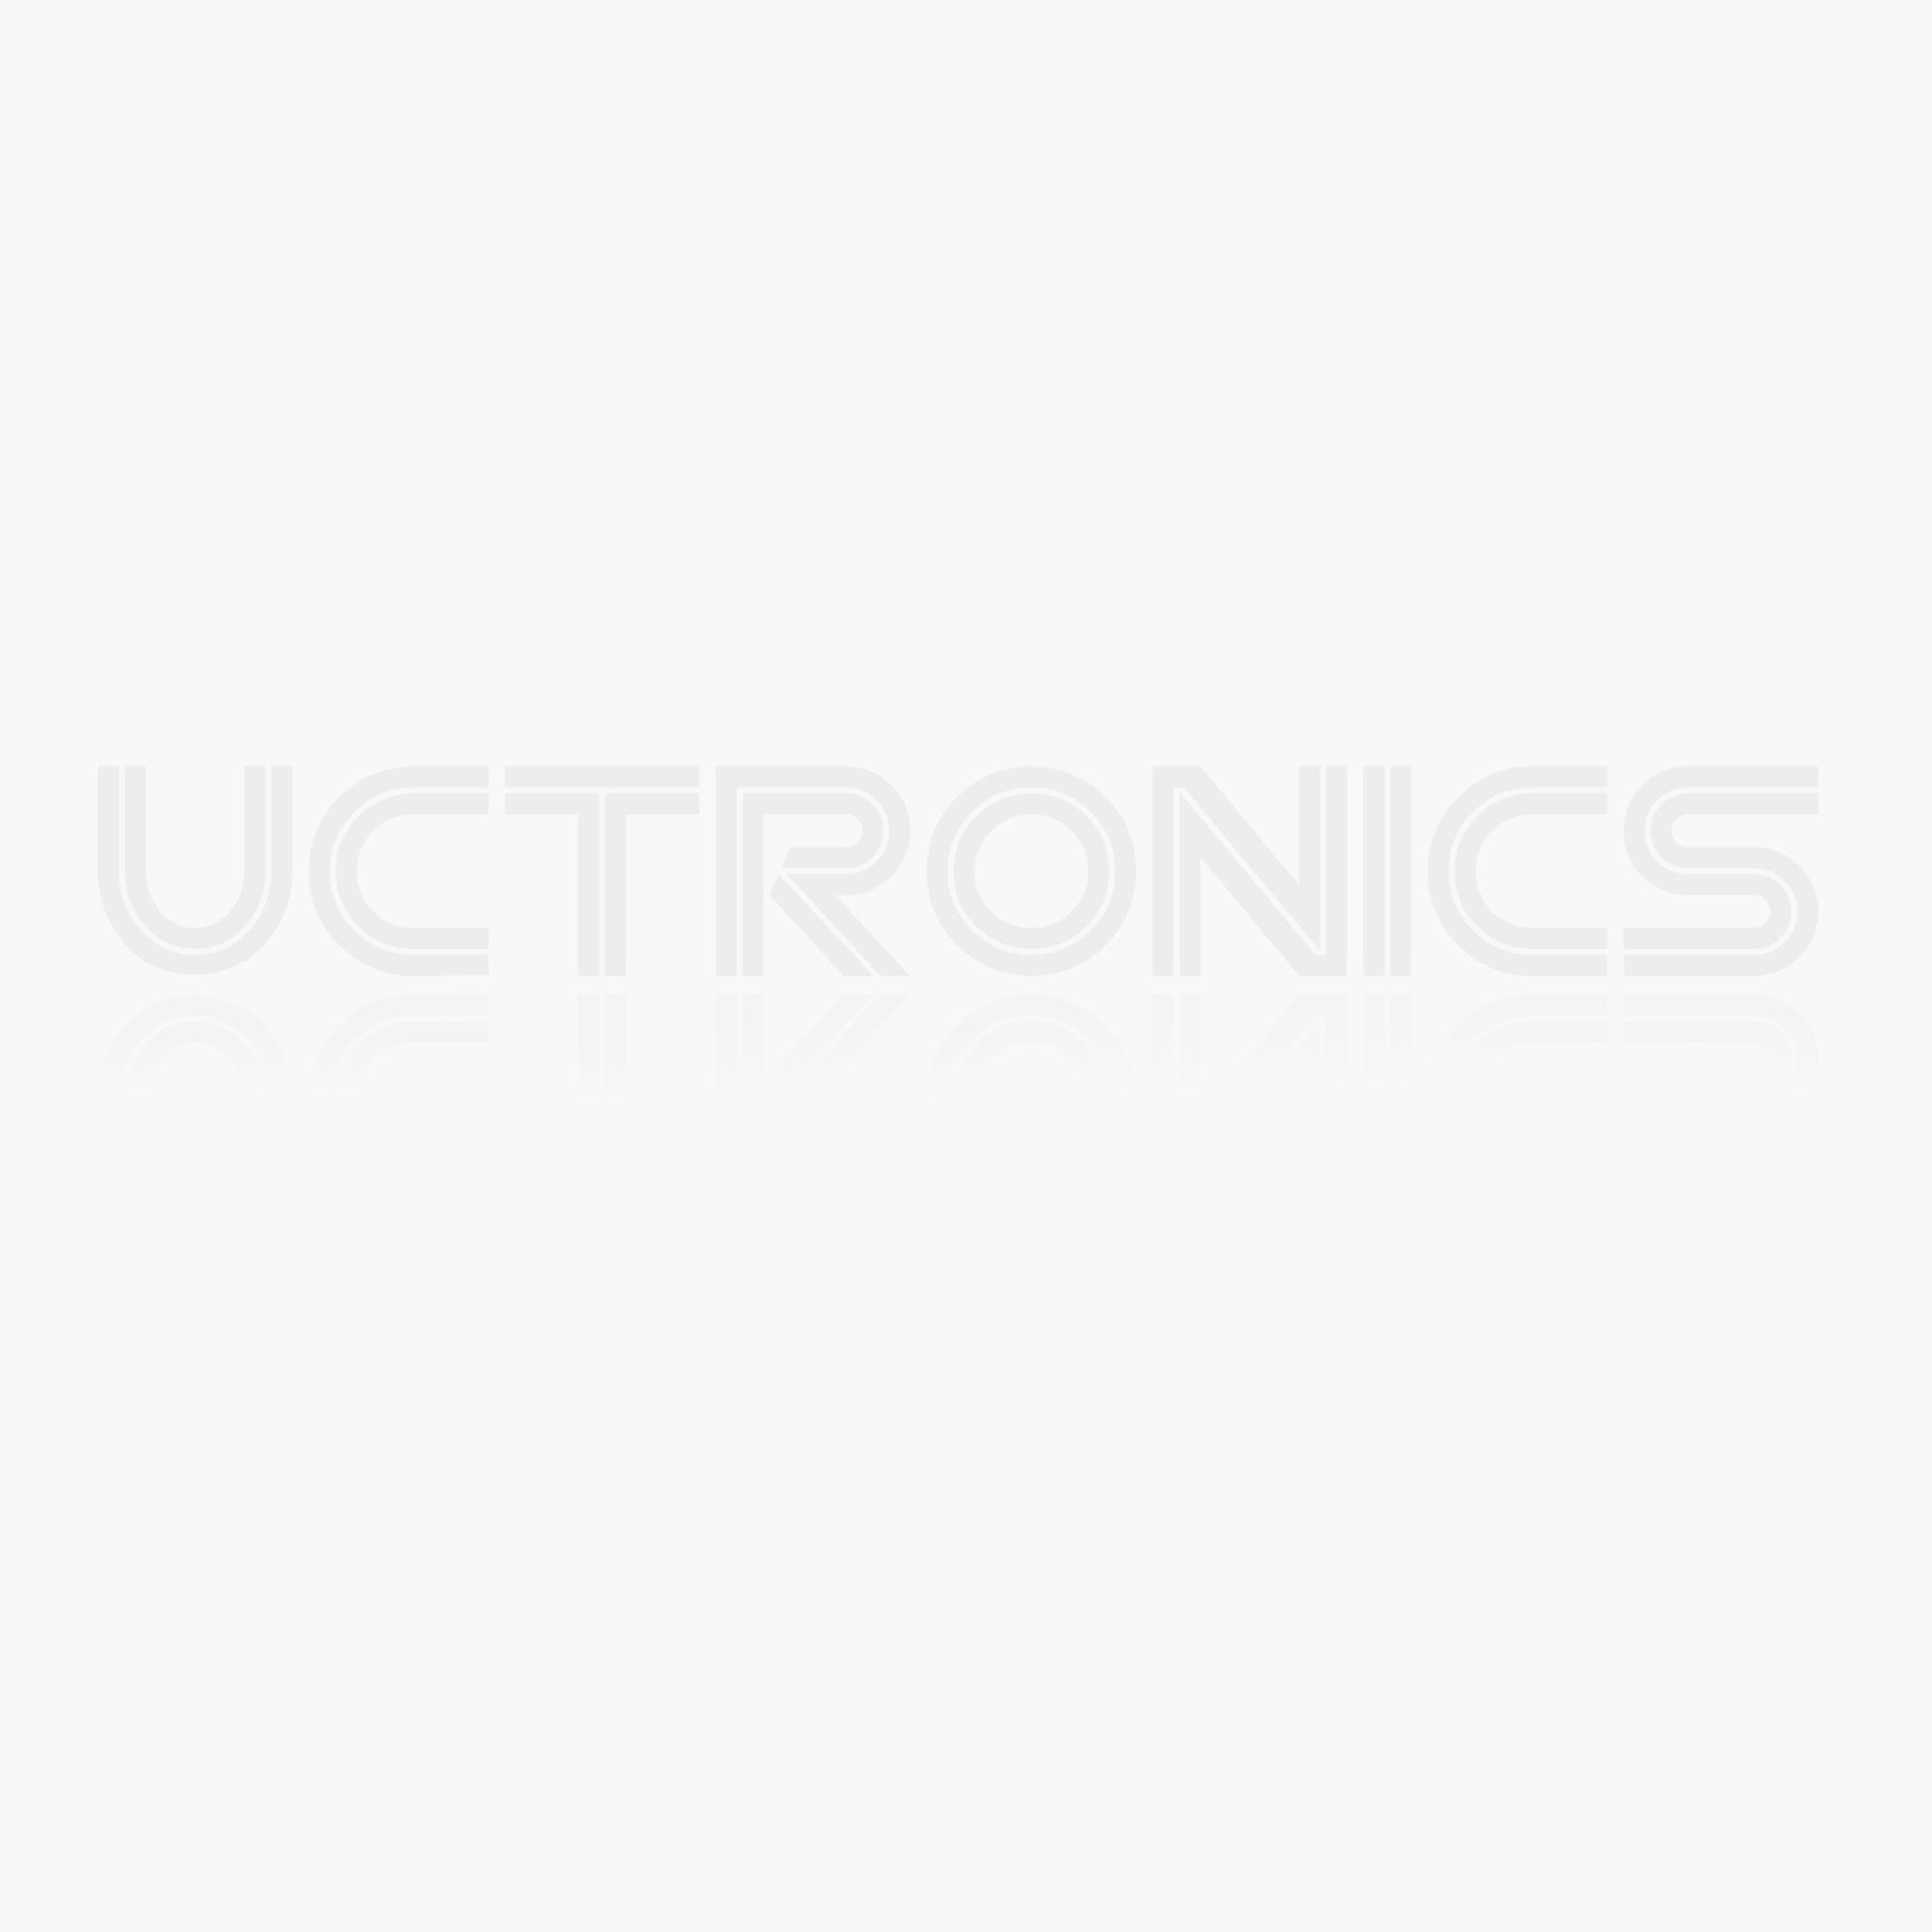 DC 3.2-9.99V Digital Voltage Meter - Red